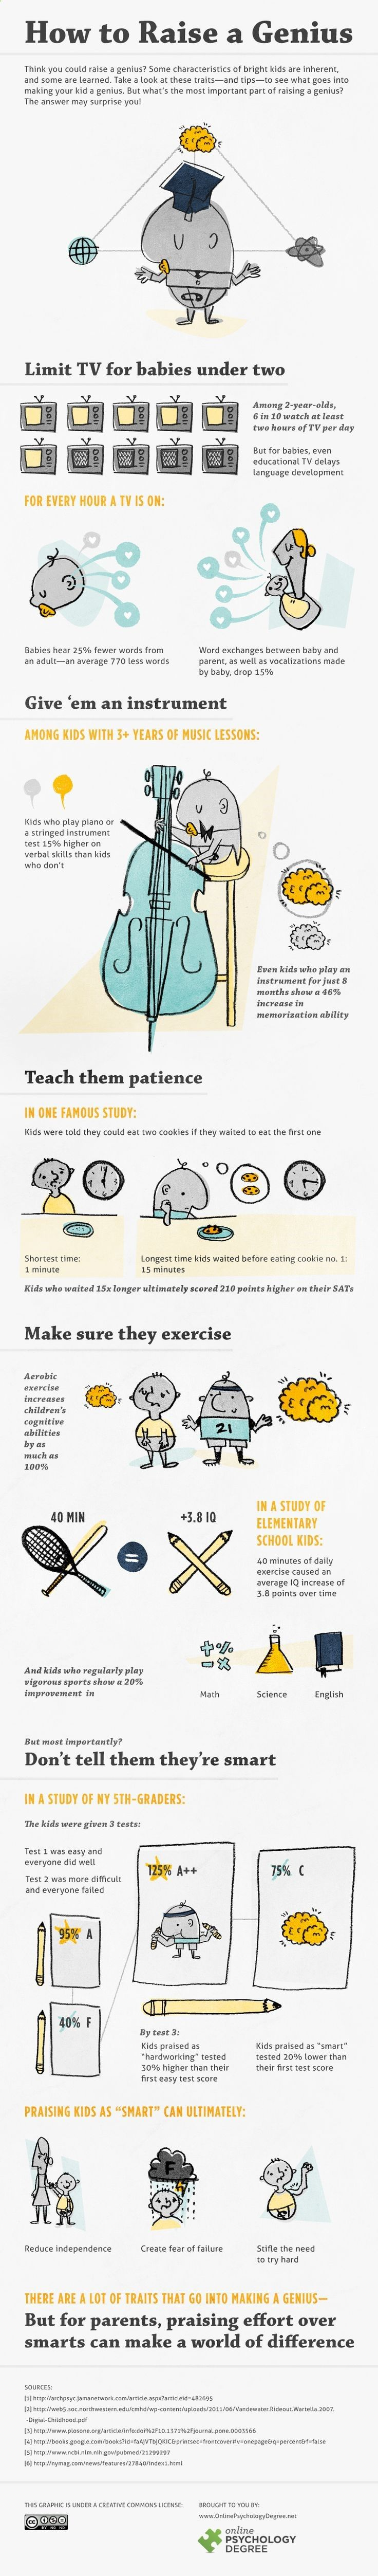 Tips for Raising Smart Kids...hmmmm